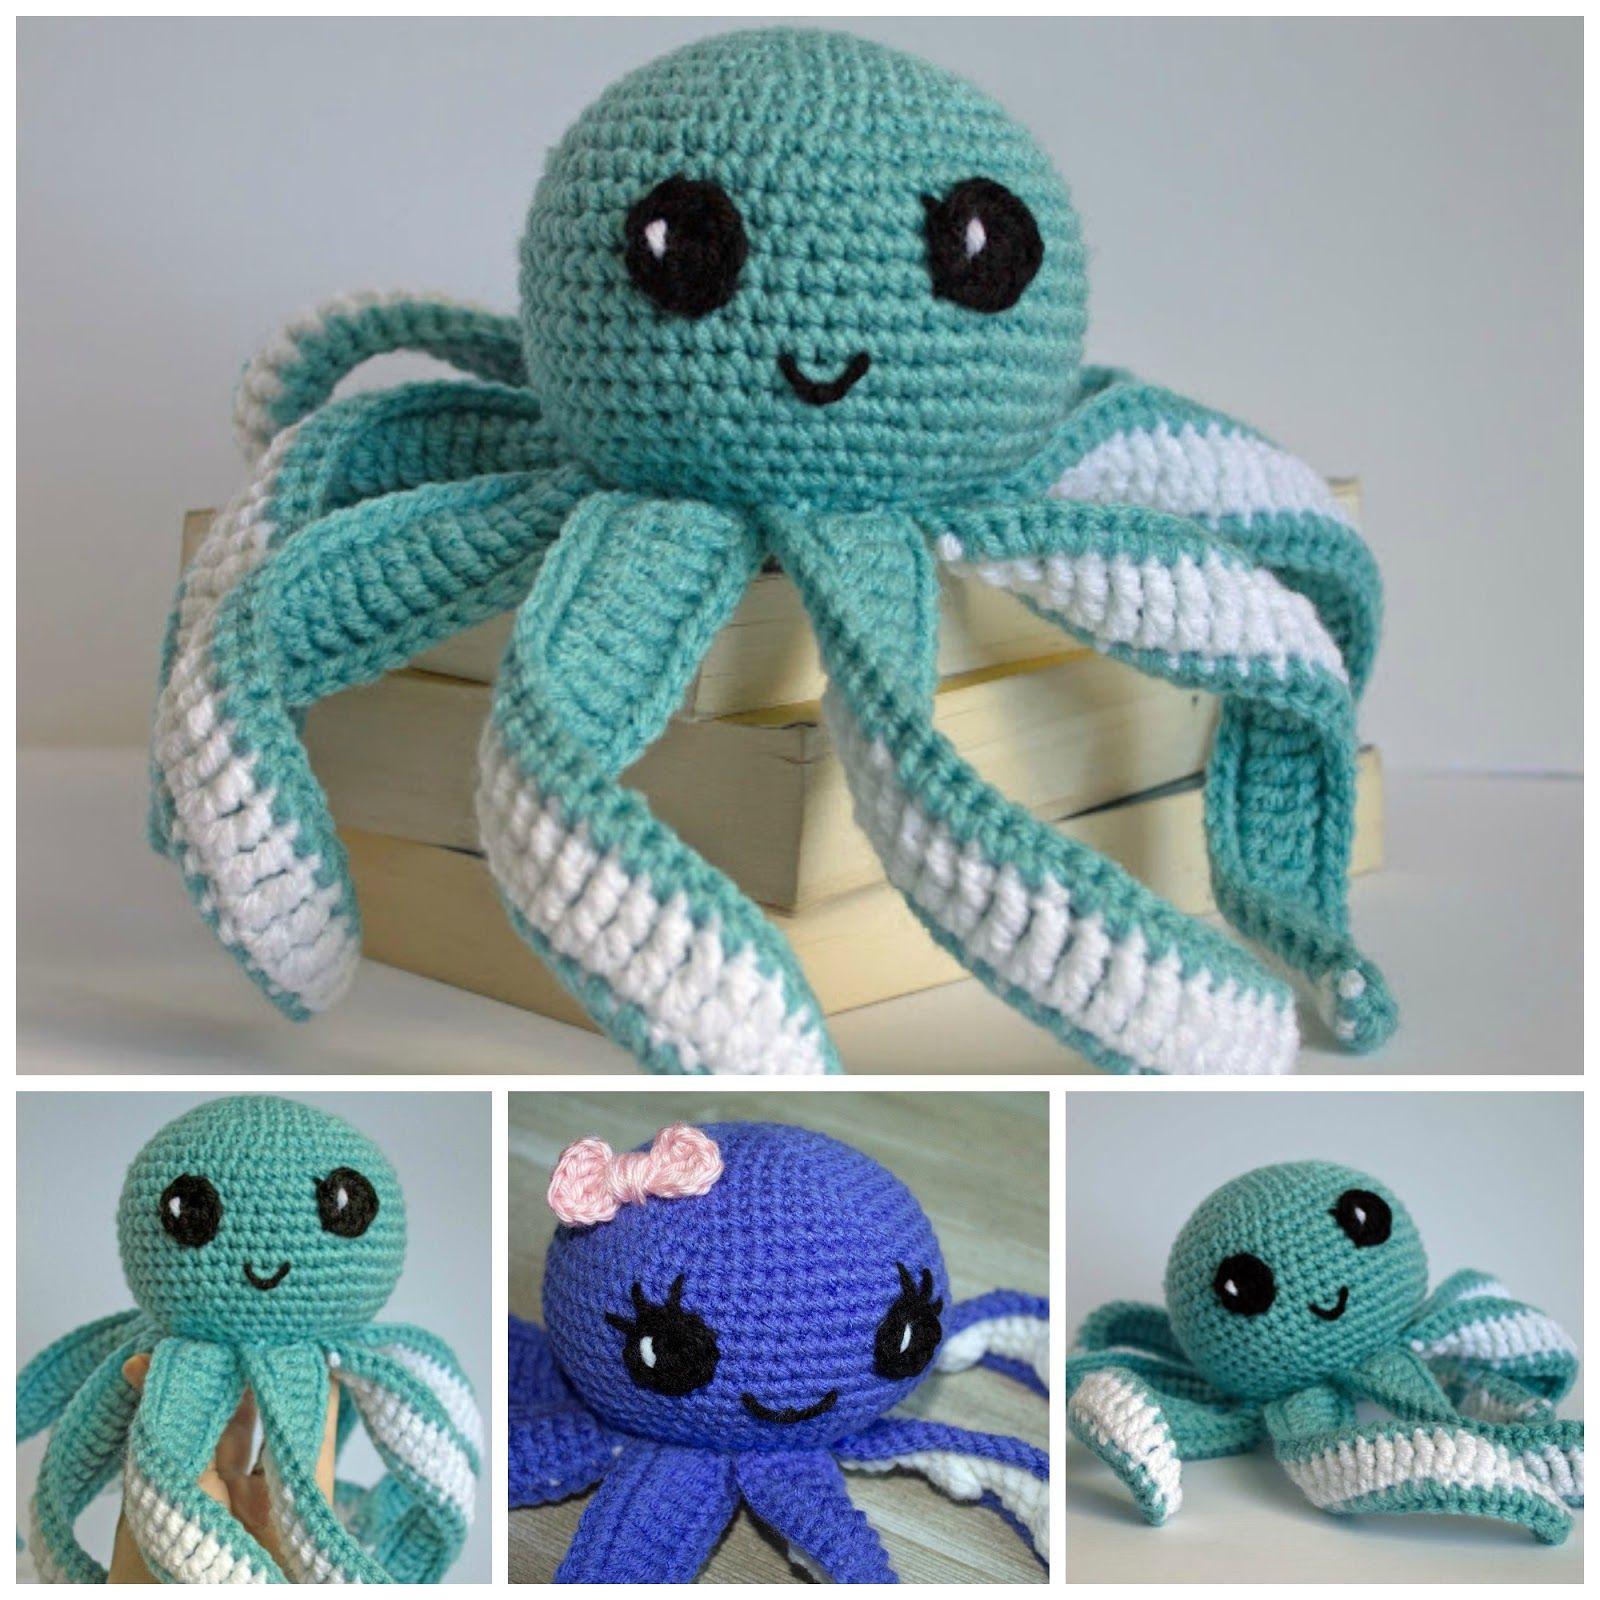 Amigurumi Octopus Baby Toy Free Pattern Part 2 | Patrones amigurumi ...